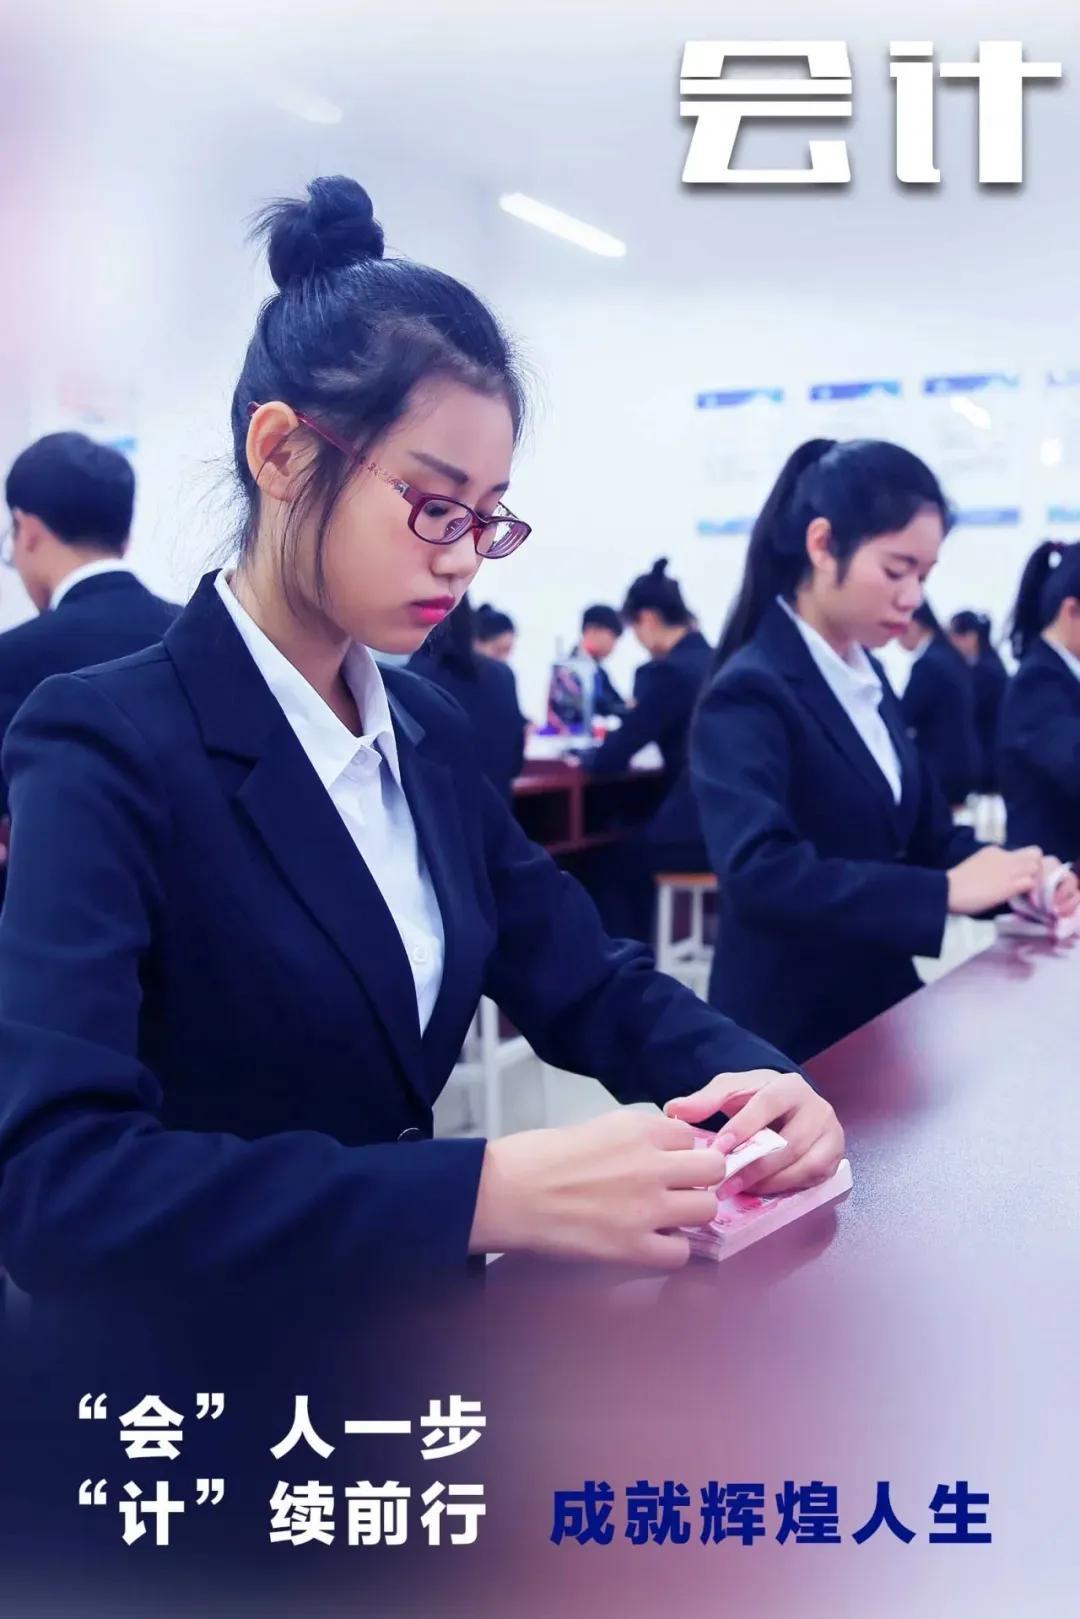 会计2020年单招/对口专业介绍,广西城市职业大学专门为你@毕业班考生